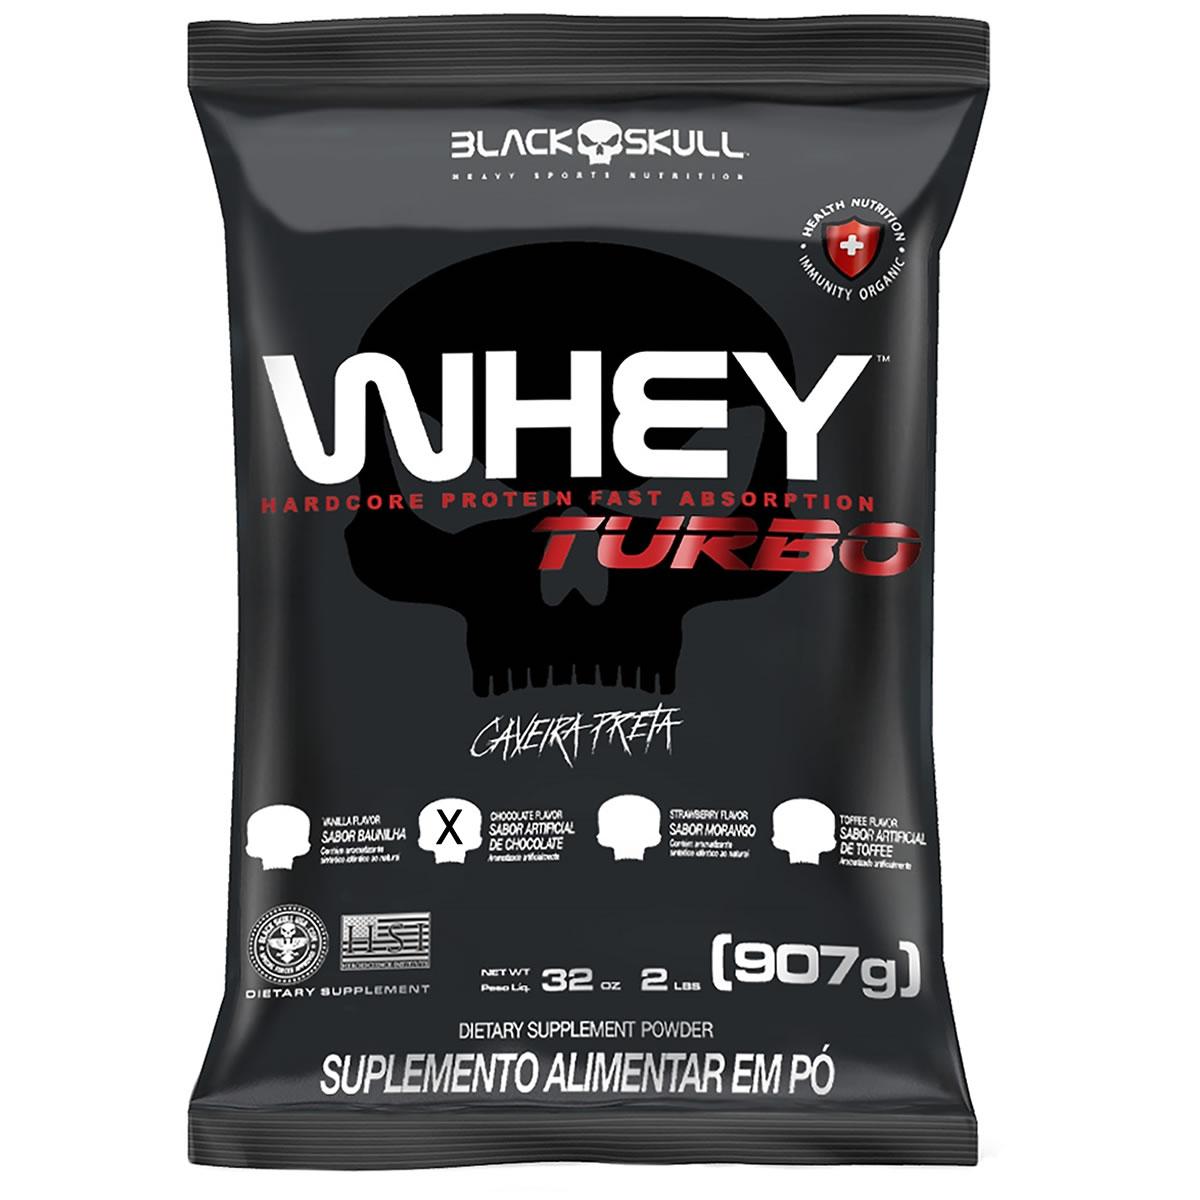 Whey Turbo 900g - Black Skull